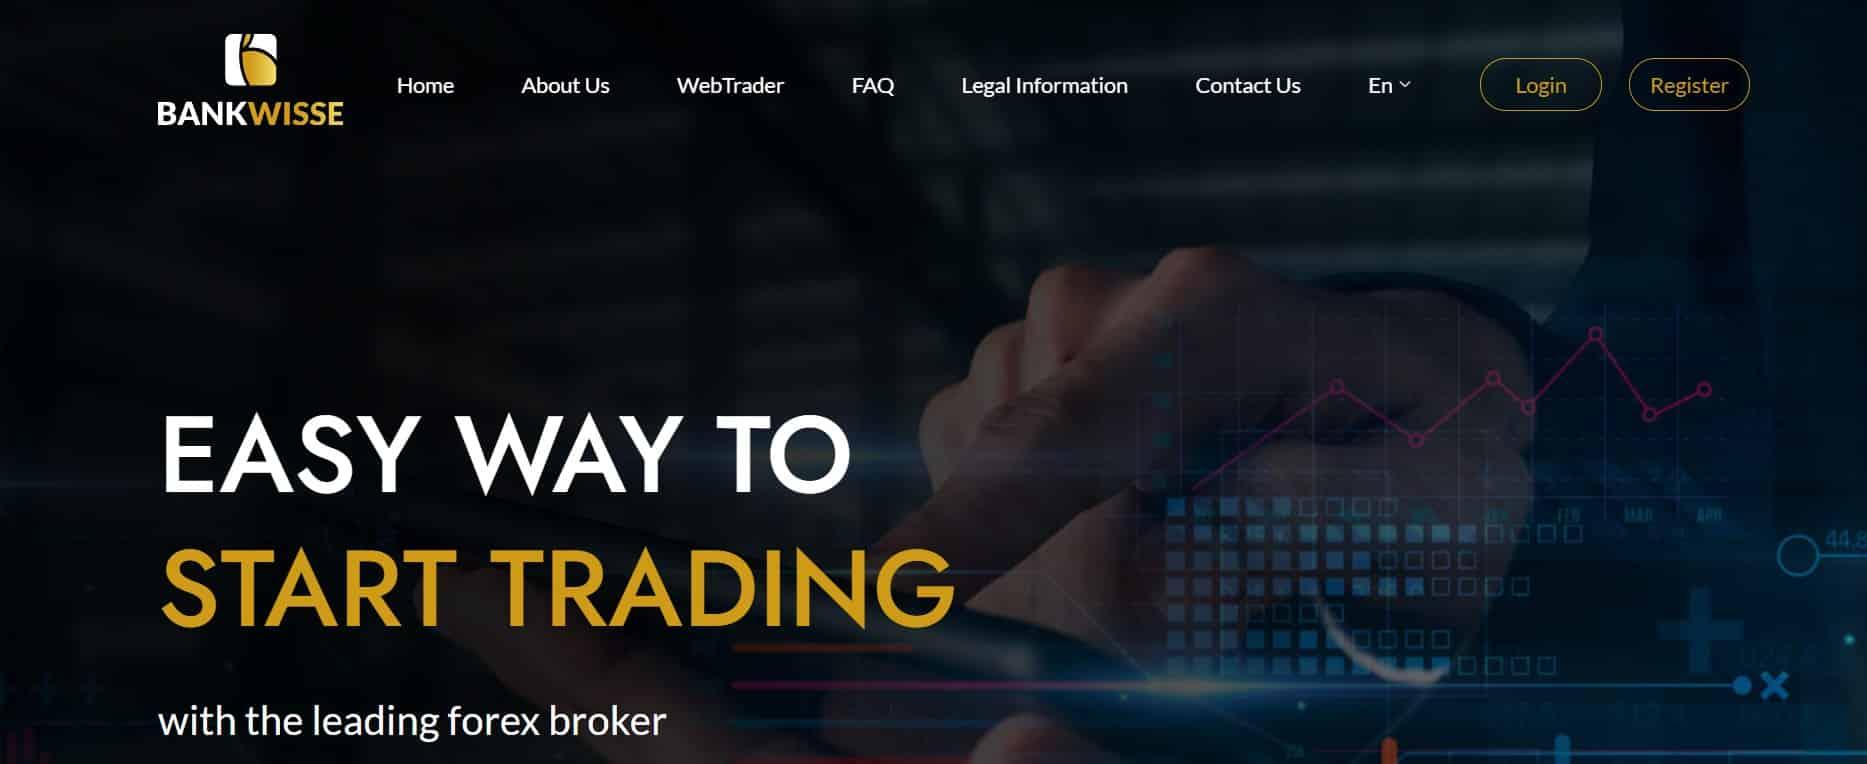 Bankwisse website